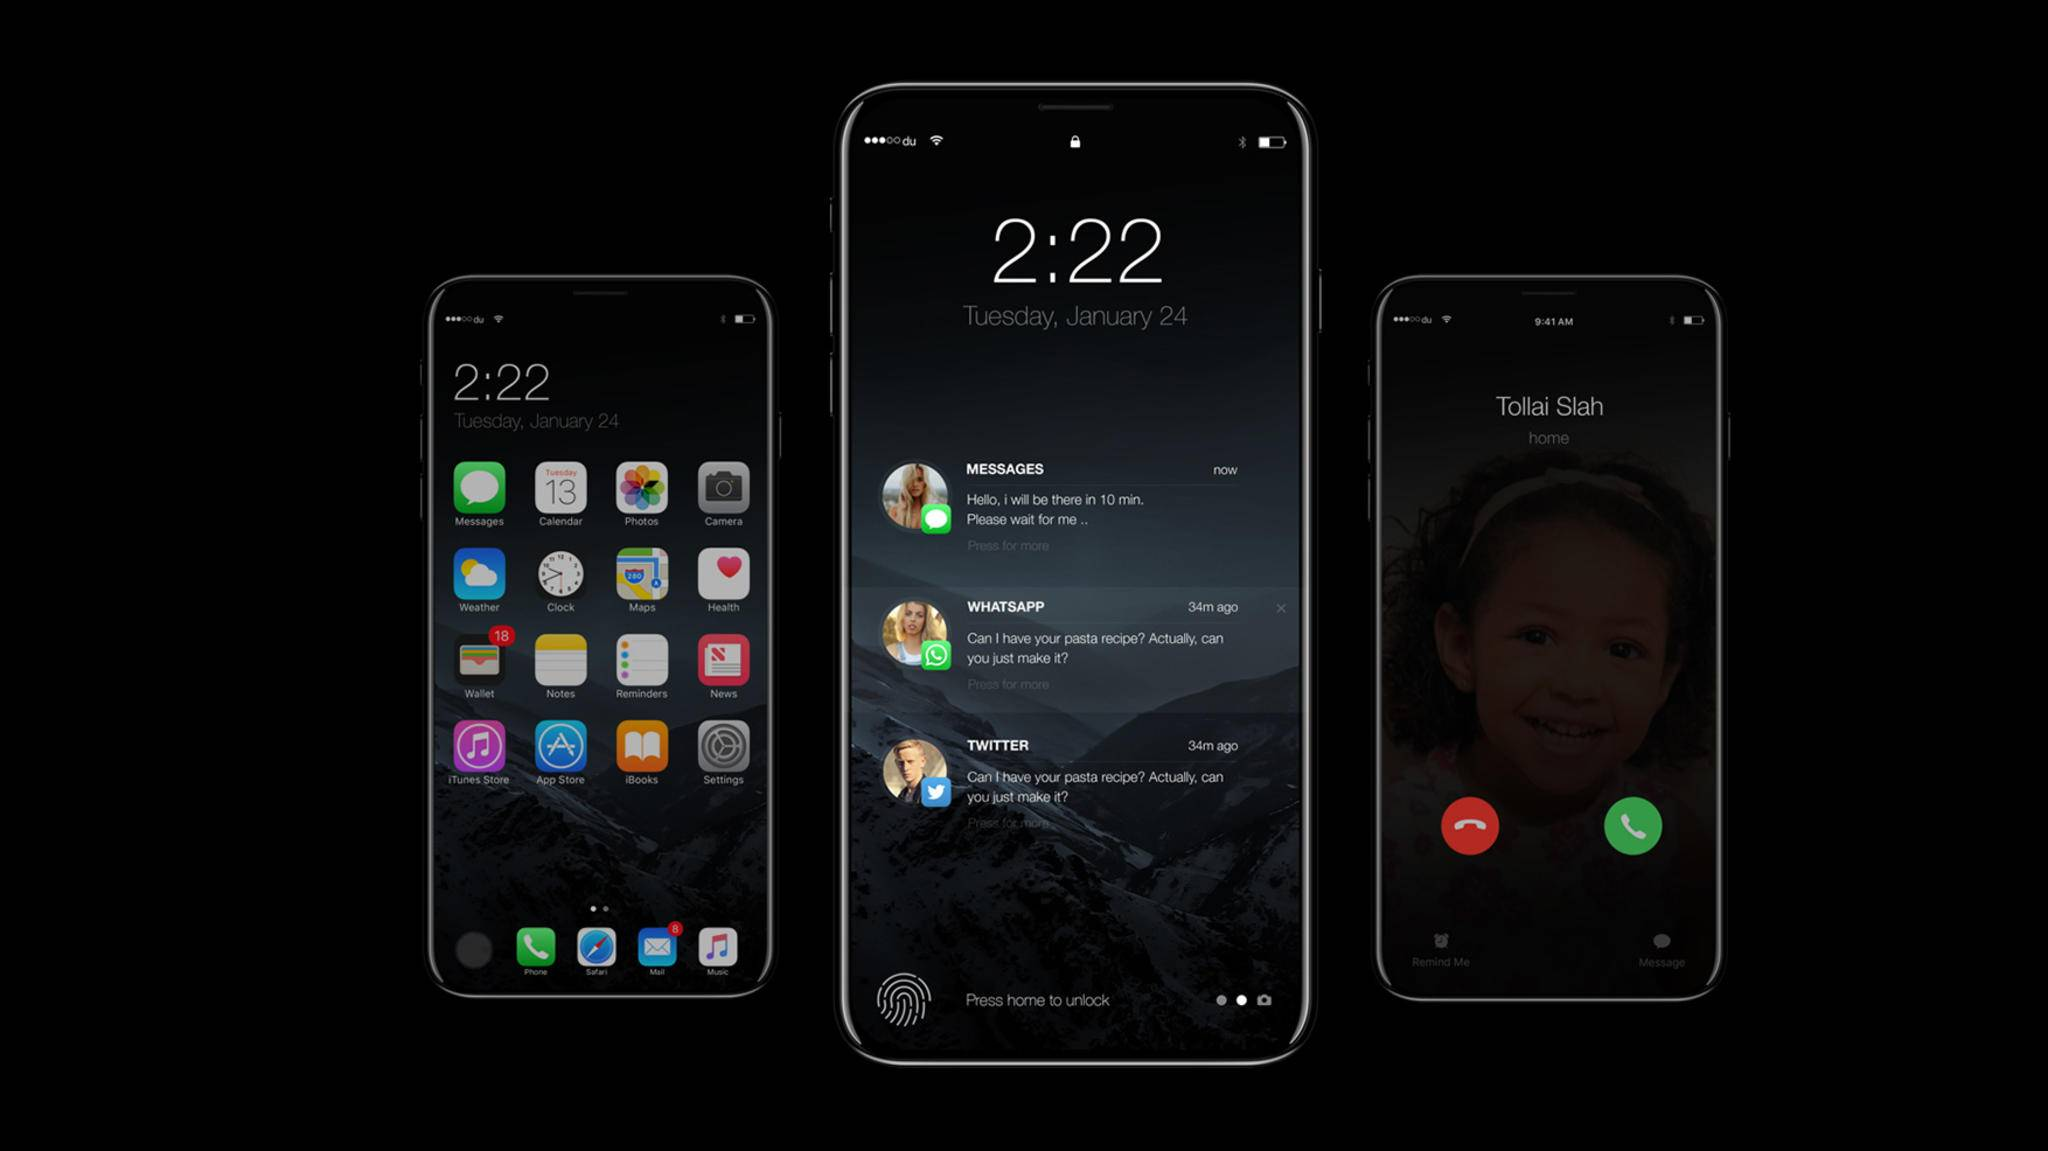 Das iPhone 8 soll mit virtuellen On-Screen-Buttons ausgestattet sein.